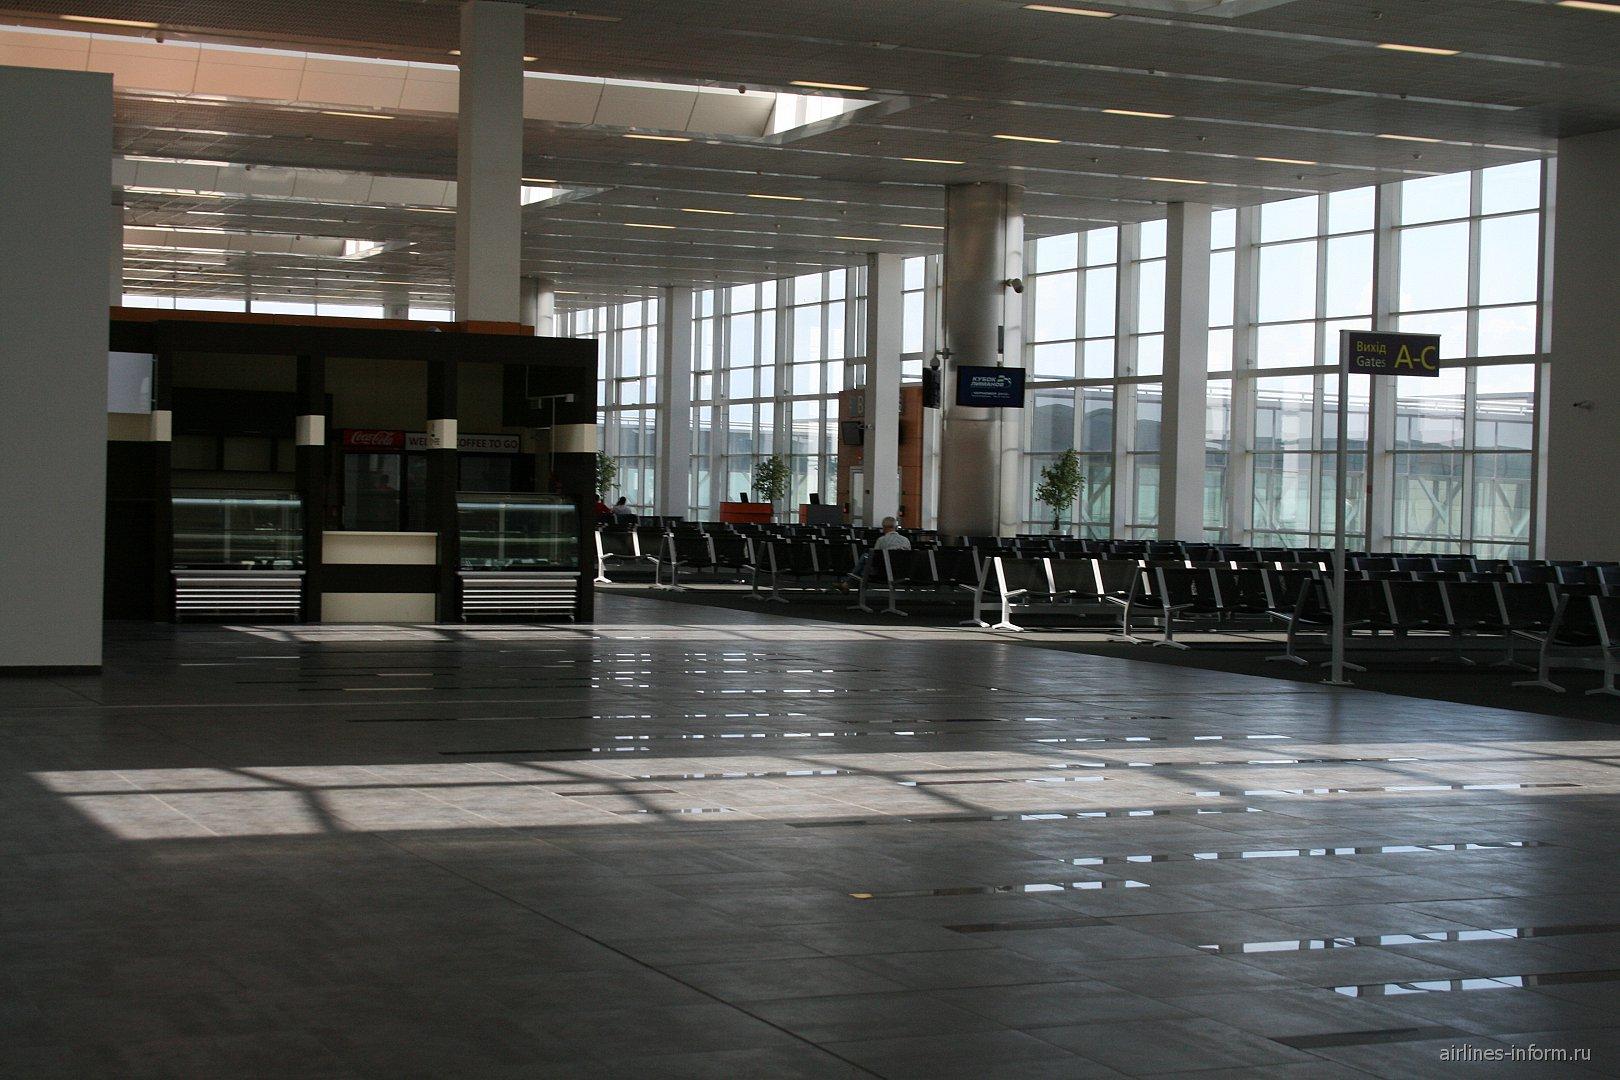 Аэропорт Донецка имени Сергея Прокофьева